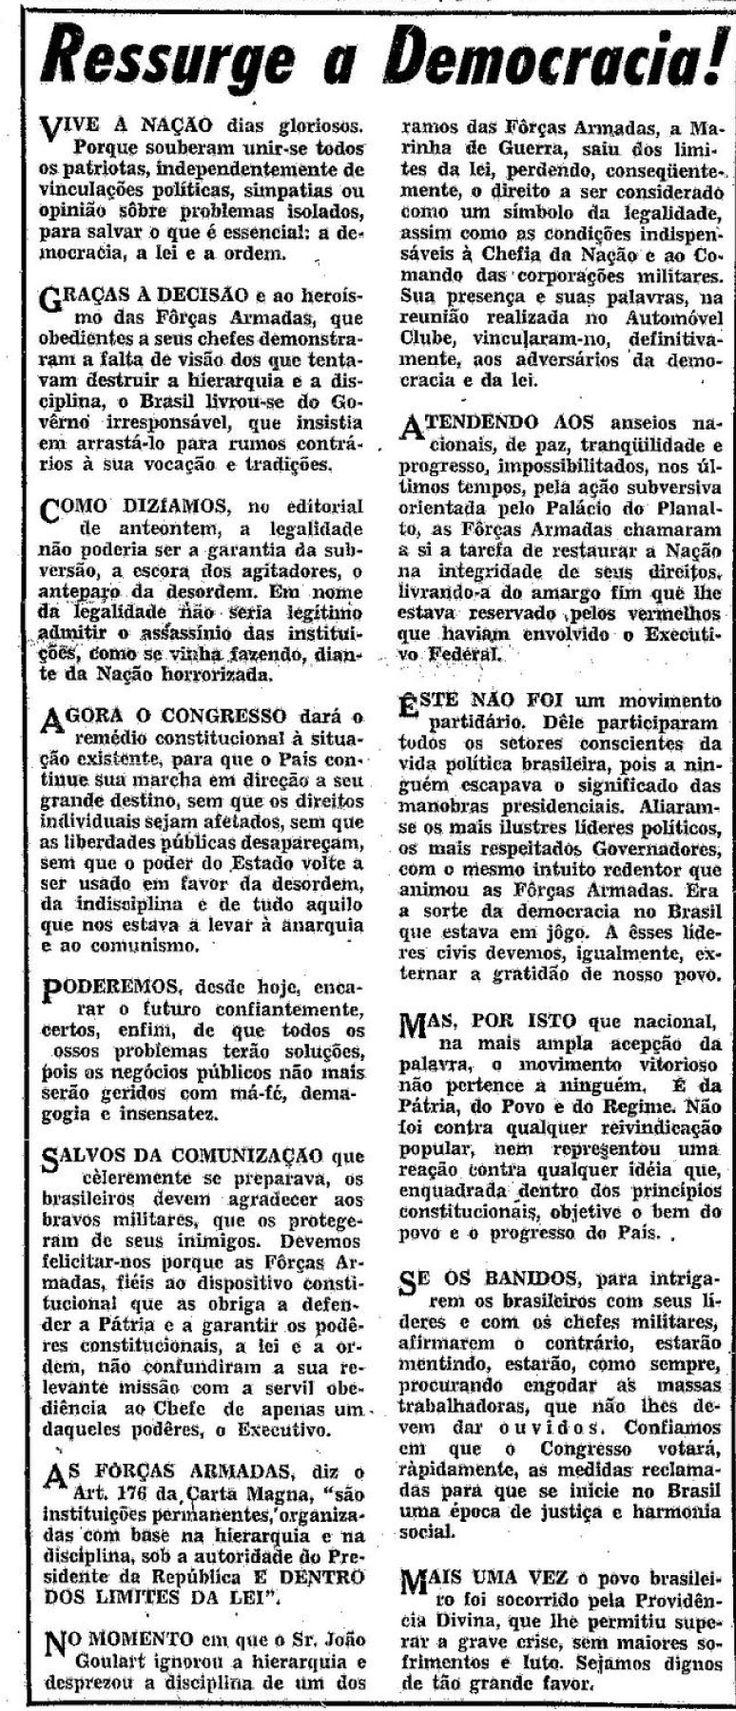 Polêmico edital do jornal O Globo apoiando o golpe militar - 02/04/1964.